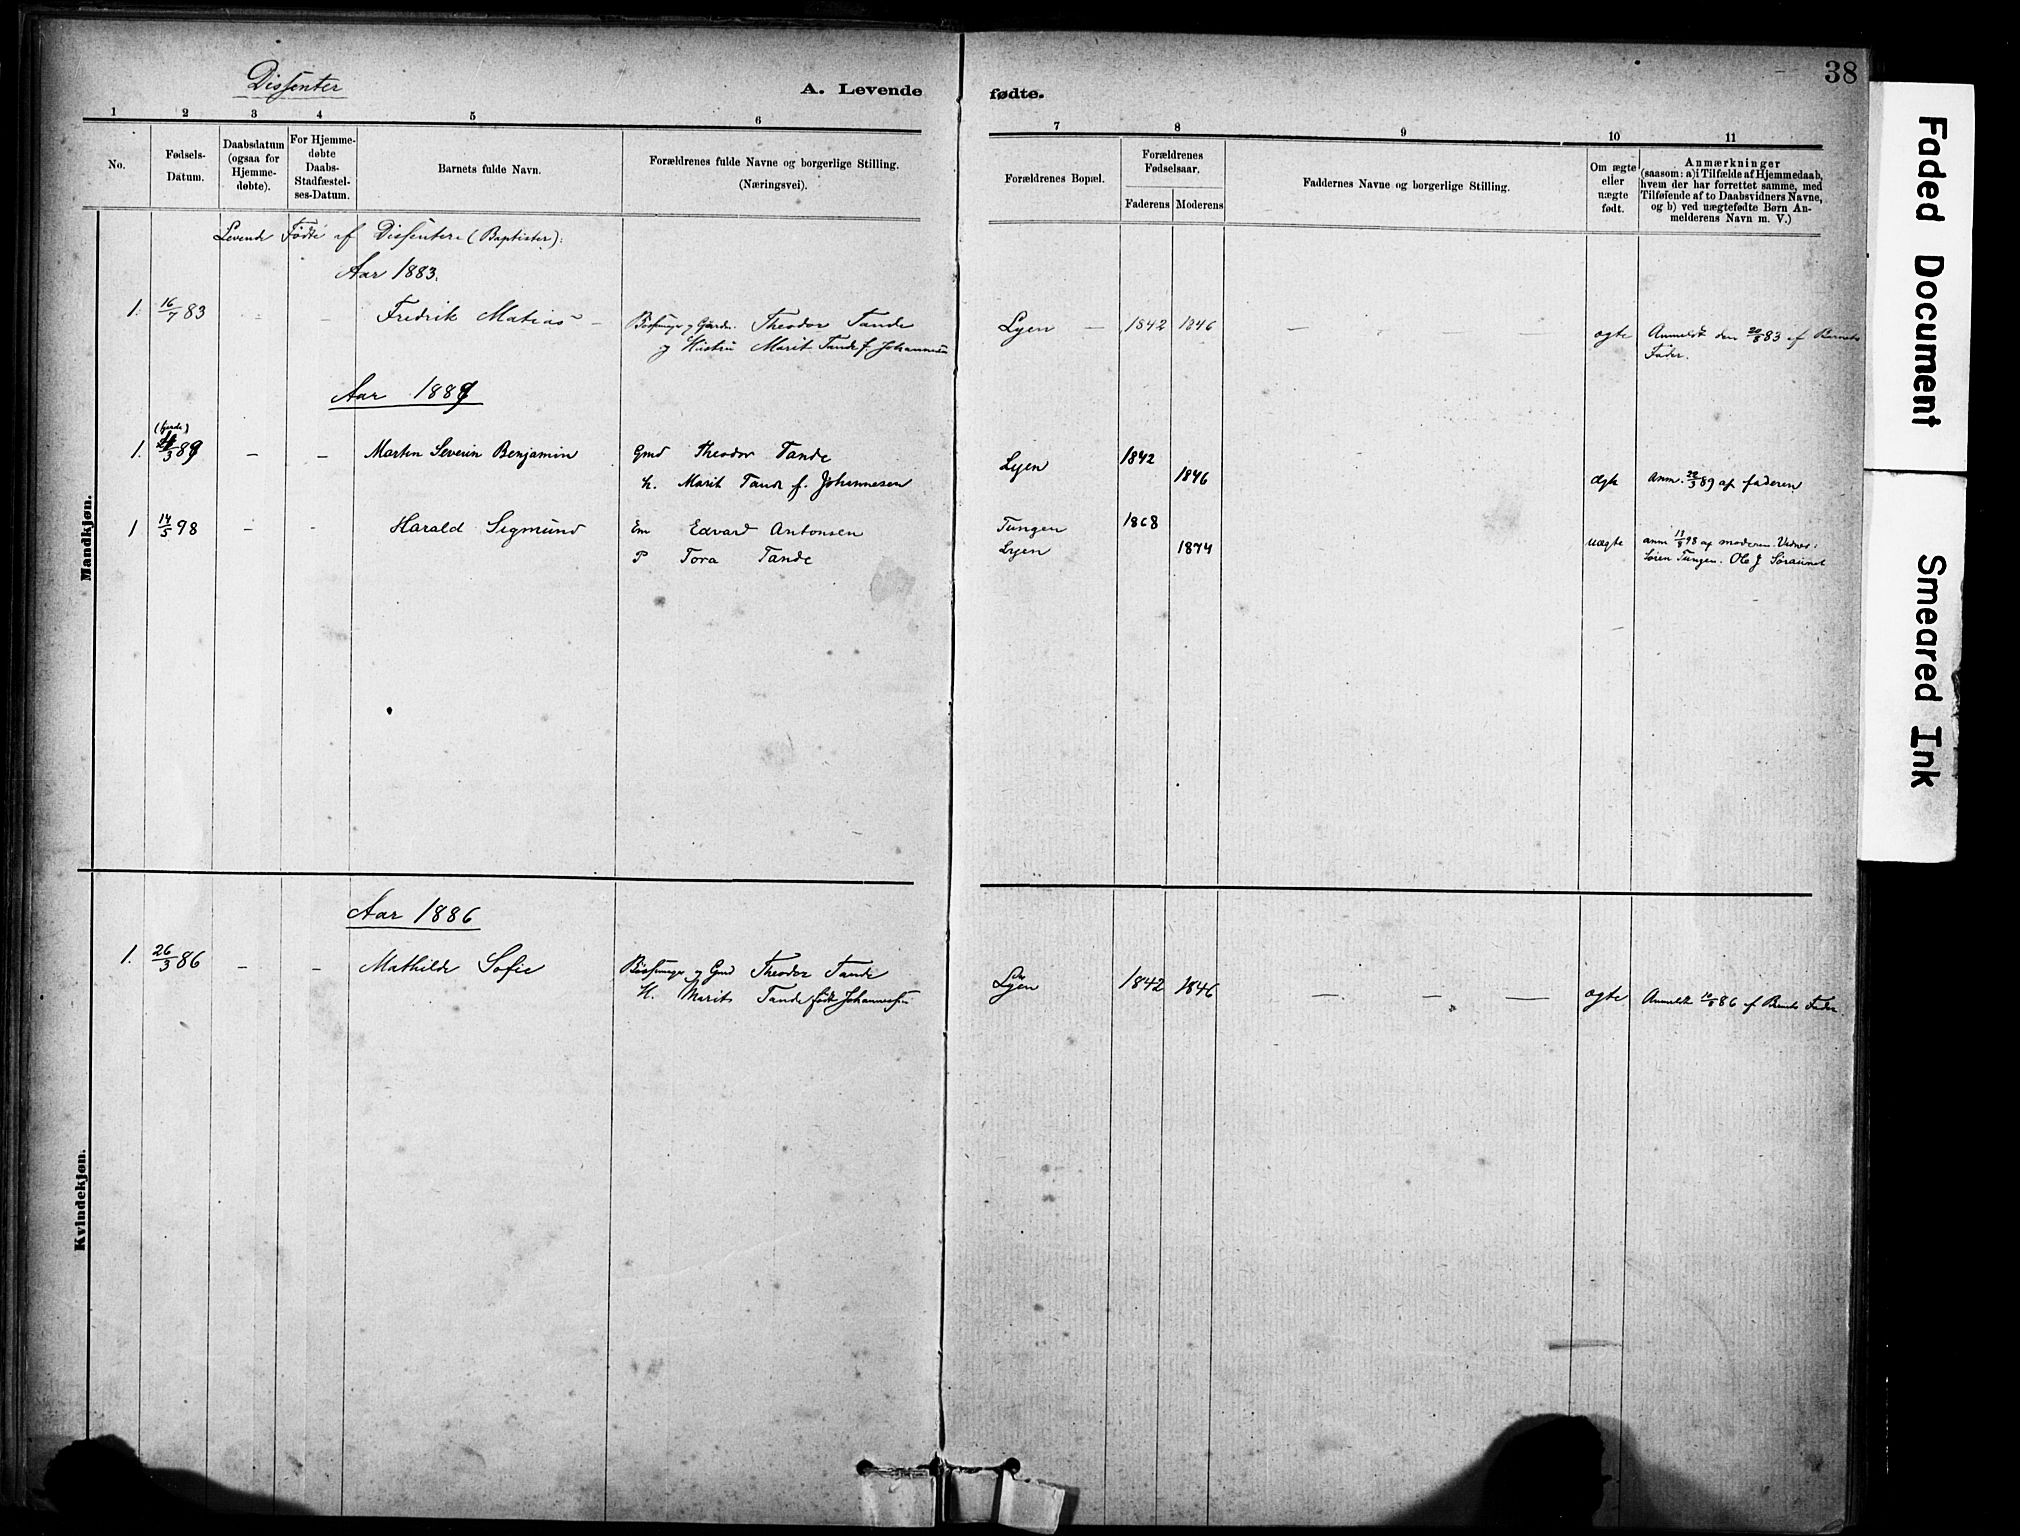 SAT, Ministerialprotokoller, klokkerbøker og fødselsregistre - Sør-Trøndelag, 635/L0551: Ministerialbok nr. 635A01, 1882-1899, s. 38